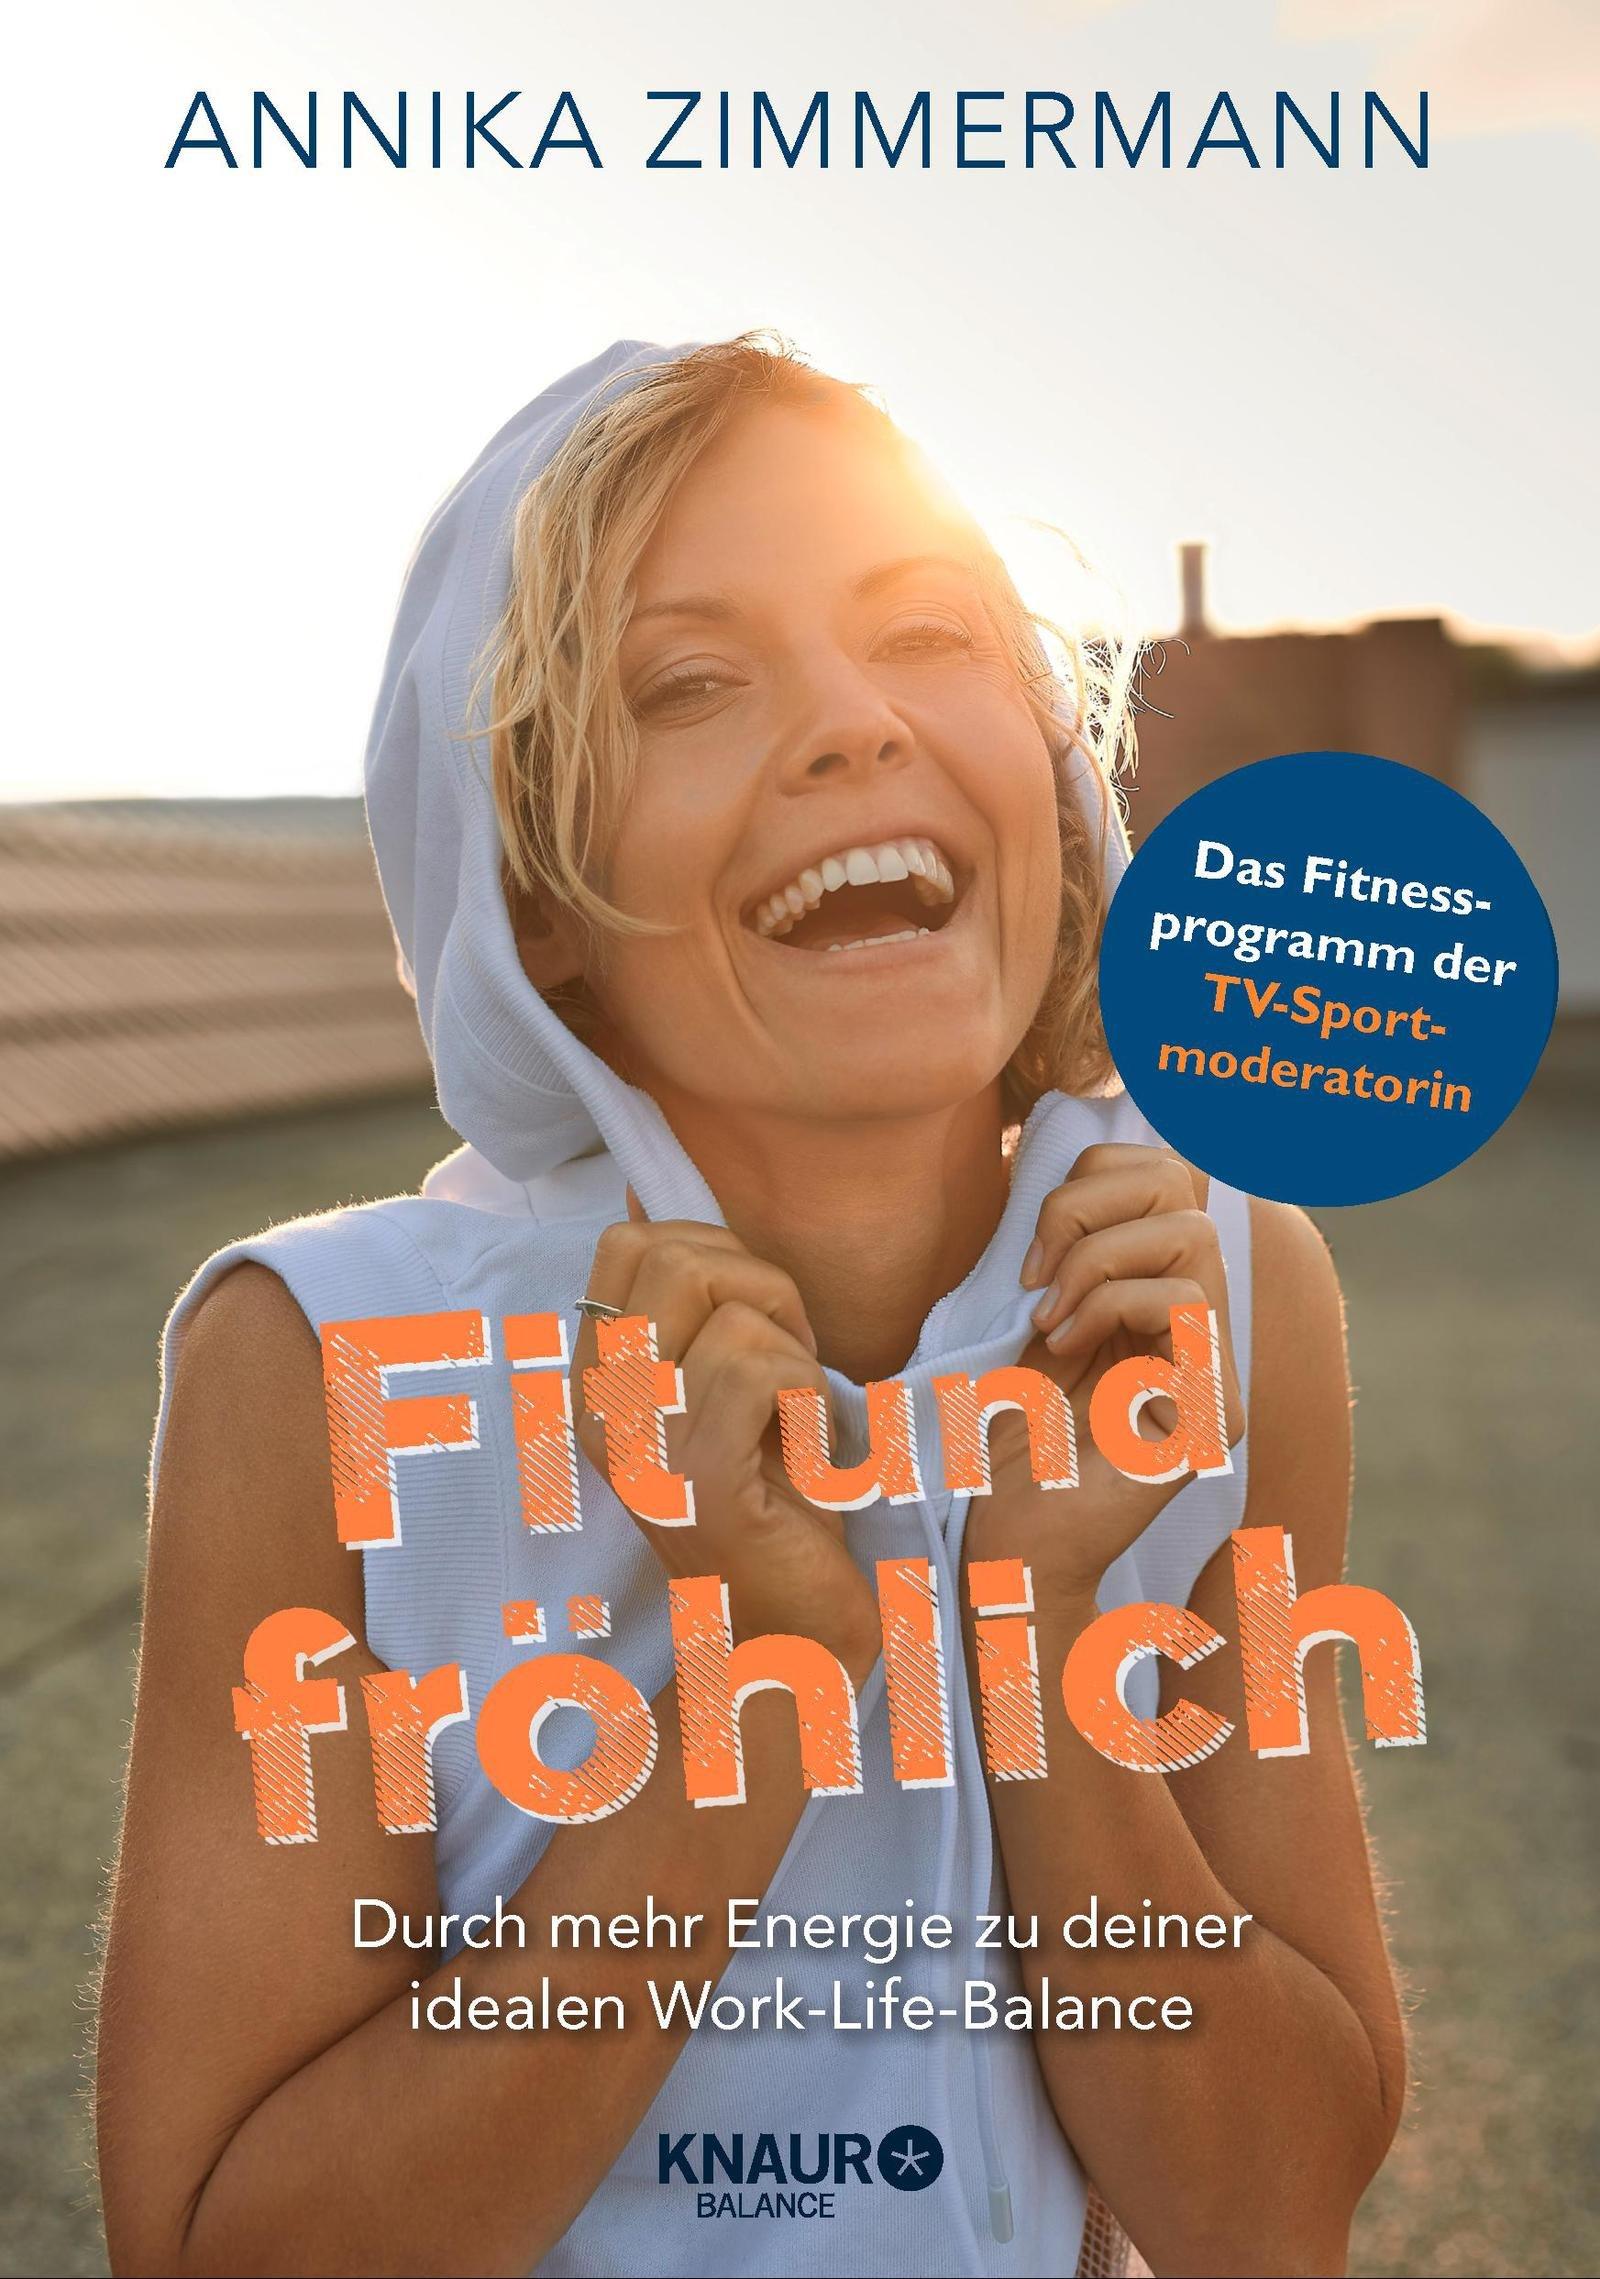 fit-und-frhlich-durch-mehr-energie-zu-deiner-idealen-work-life-balance